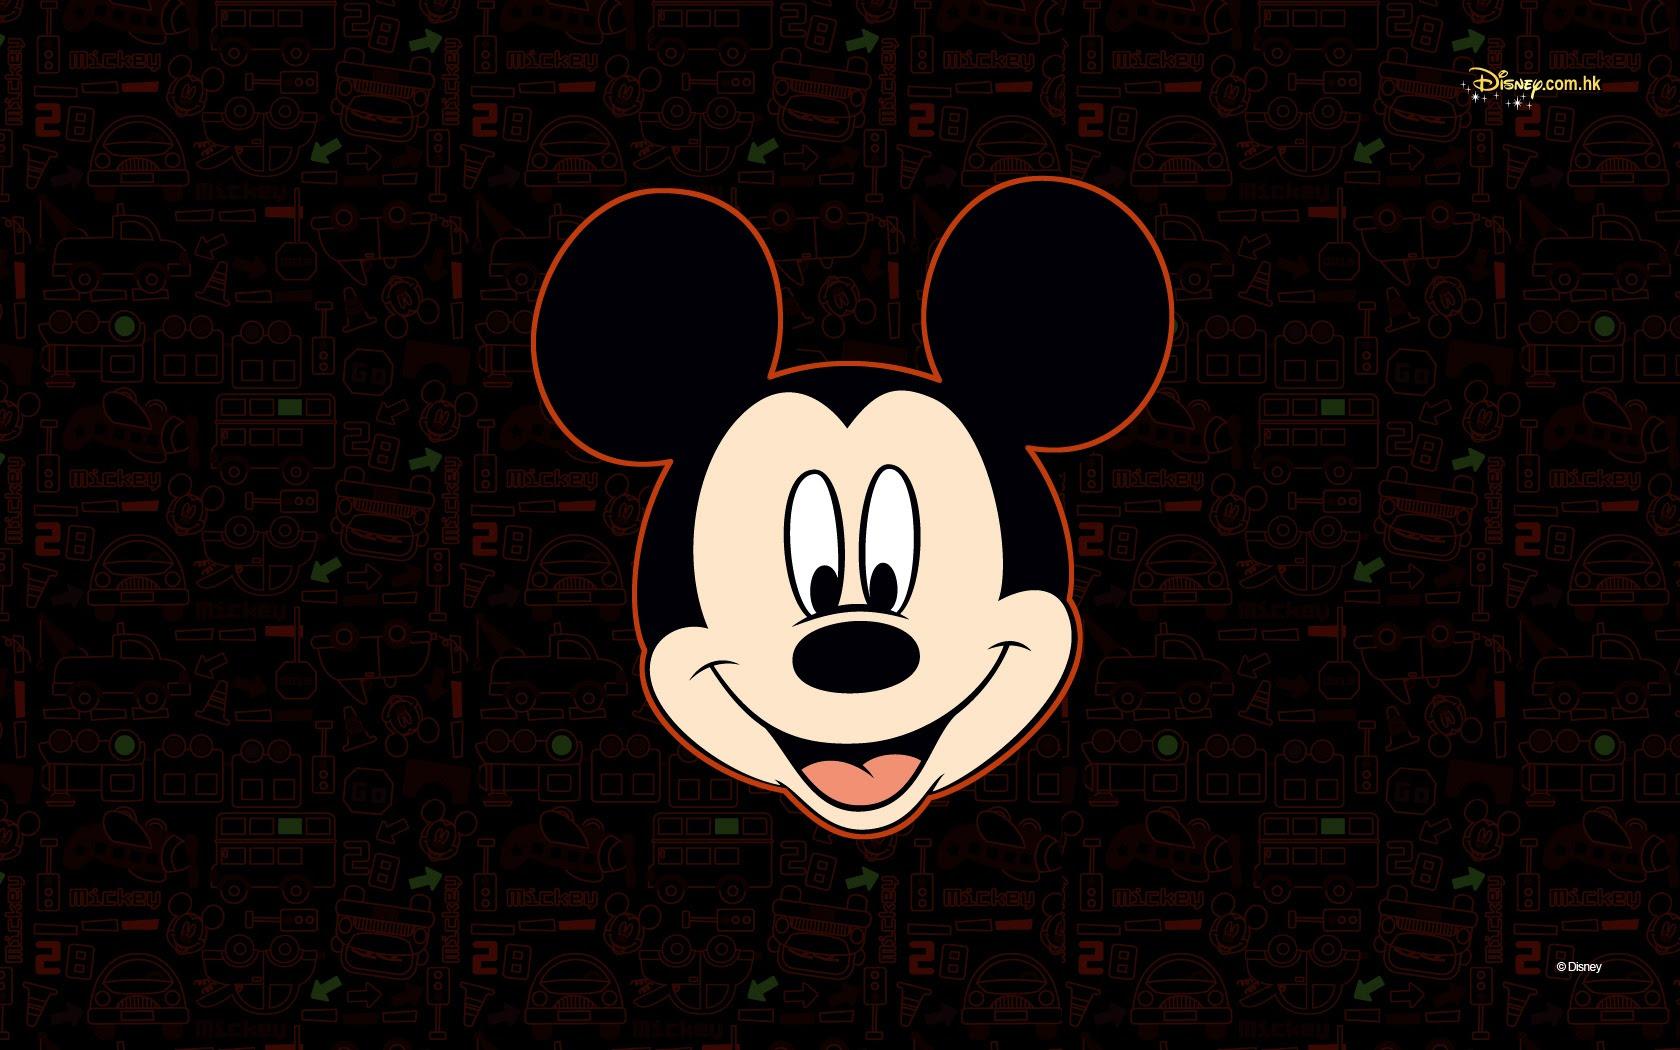 ディズニーアニメミッキーの壁紙 2 16 1680x1050 壁紙